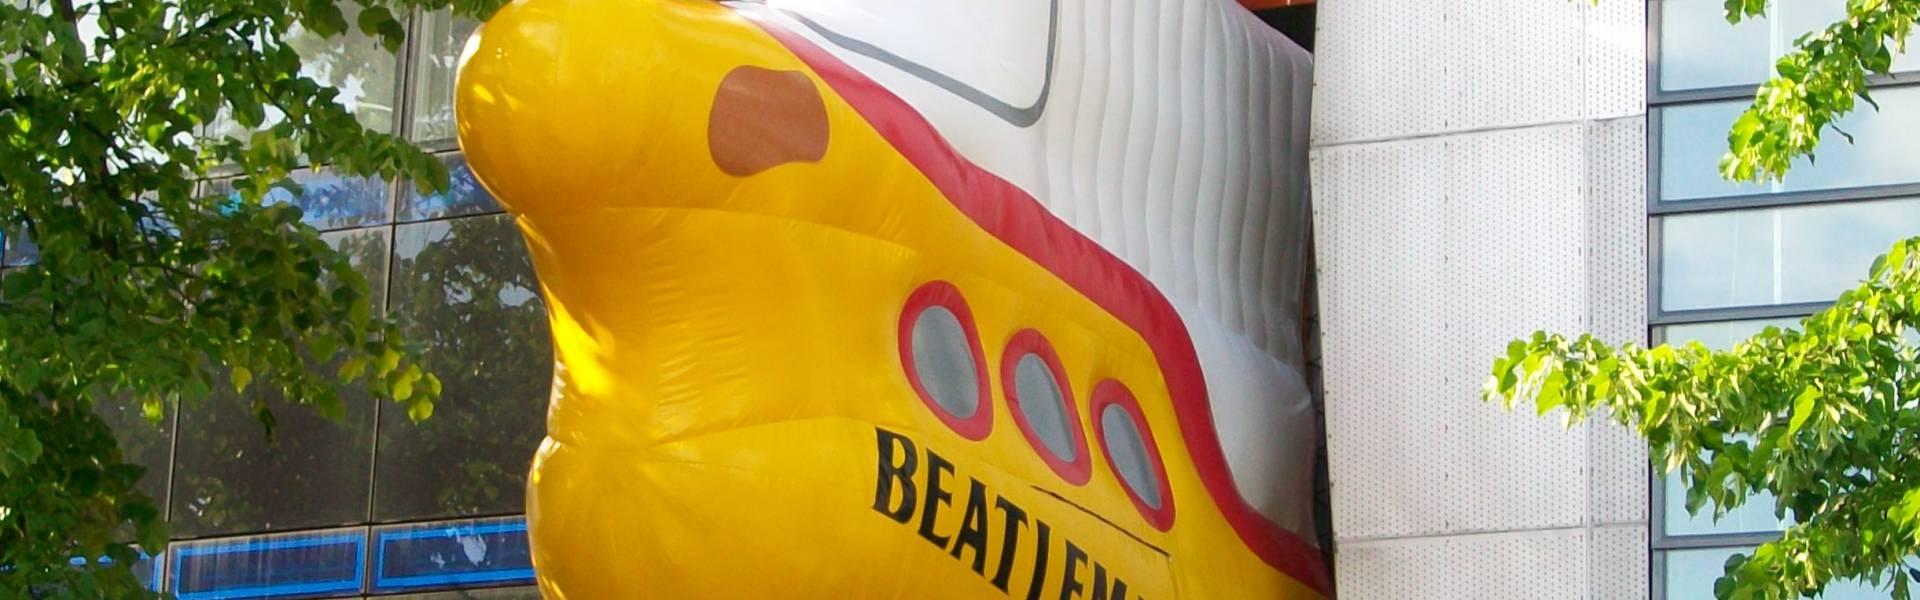 Groot opblaasbaar promotiemateriaal | X-Treme Creations Opblaasbare duikboot tussen 2 gebouwen met opschrift 'Beatlemania' Beatlemania Museum Hamburg Bureau NHP partnership & customer FKP Scorpio X-Treme Creations